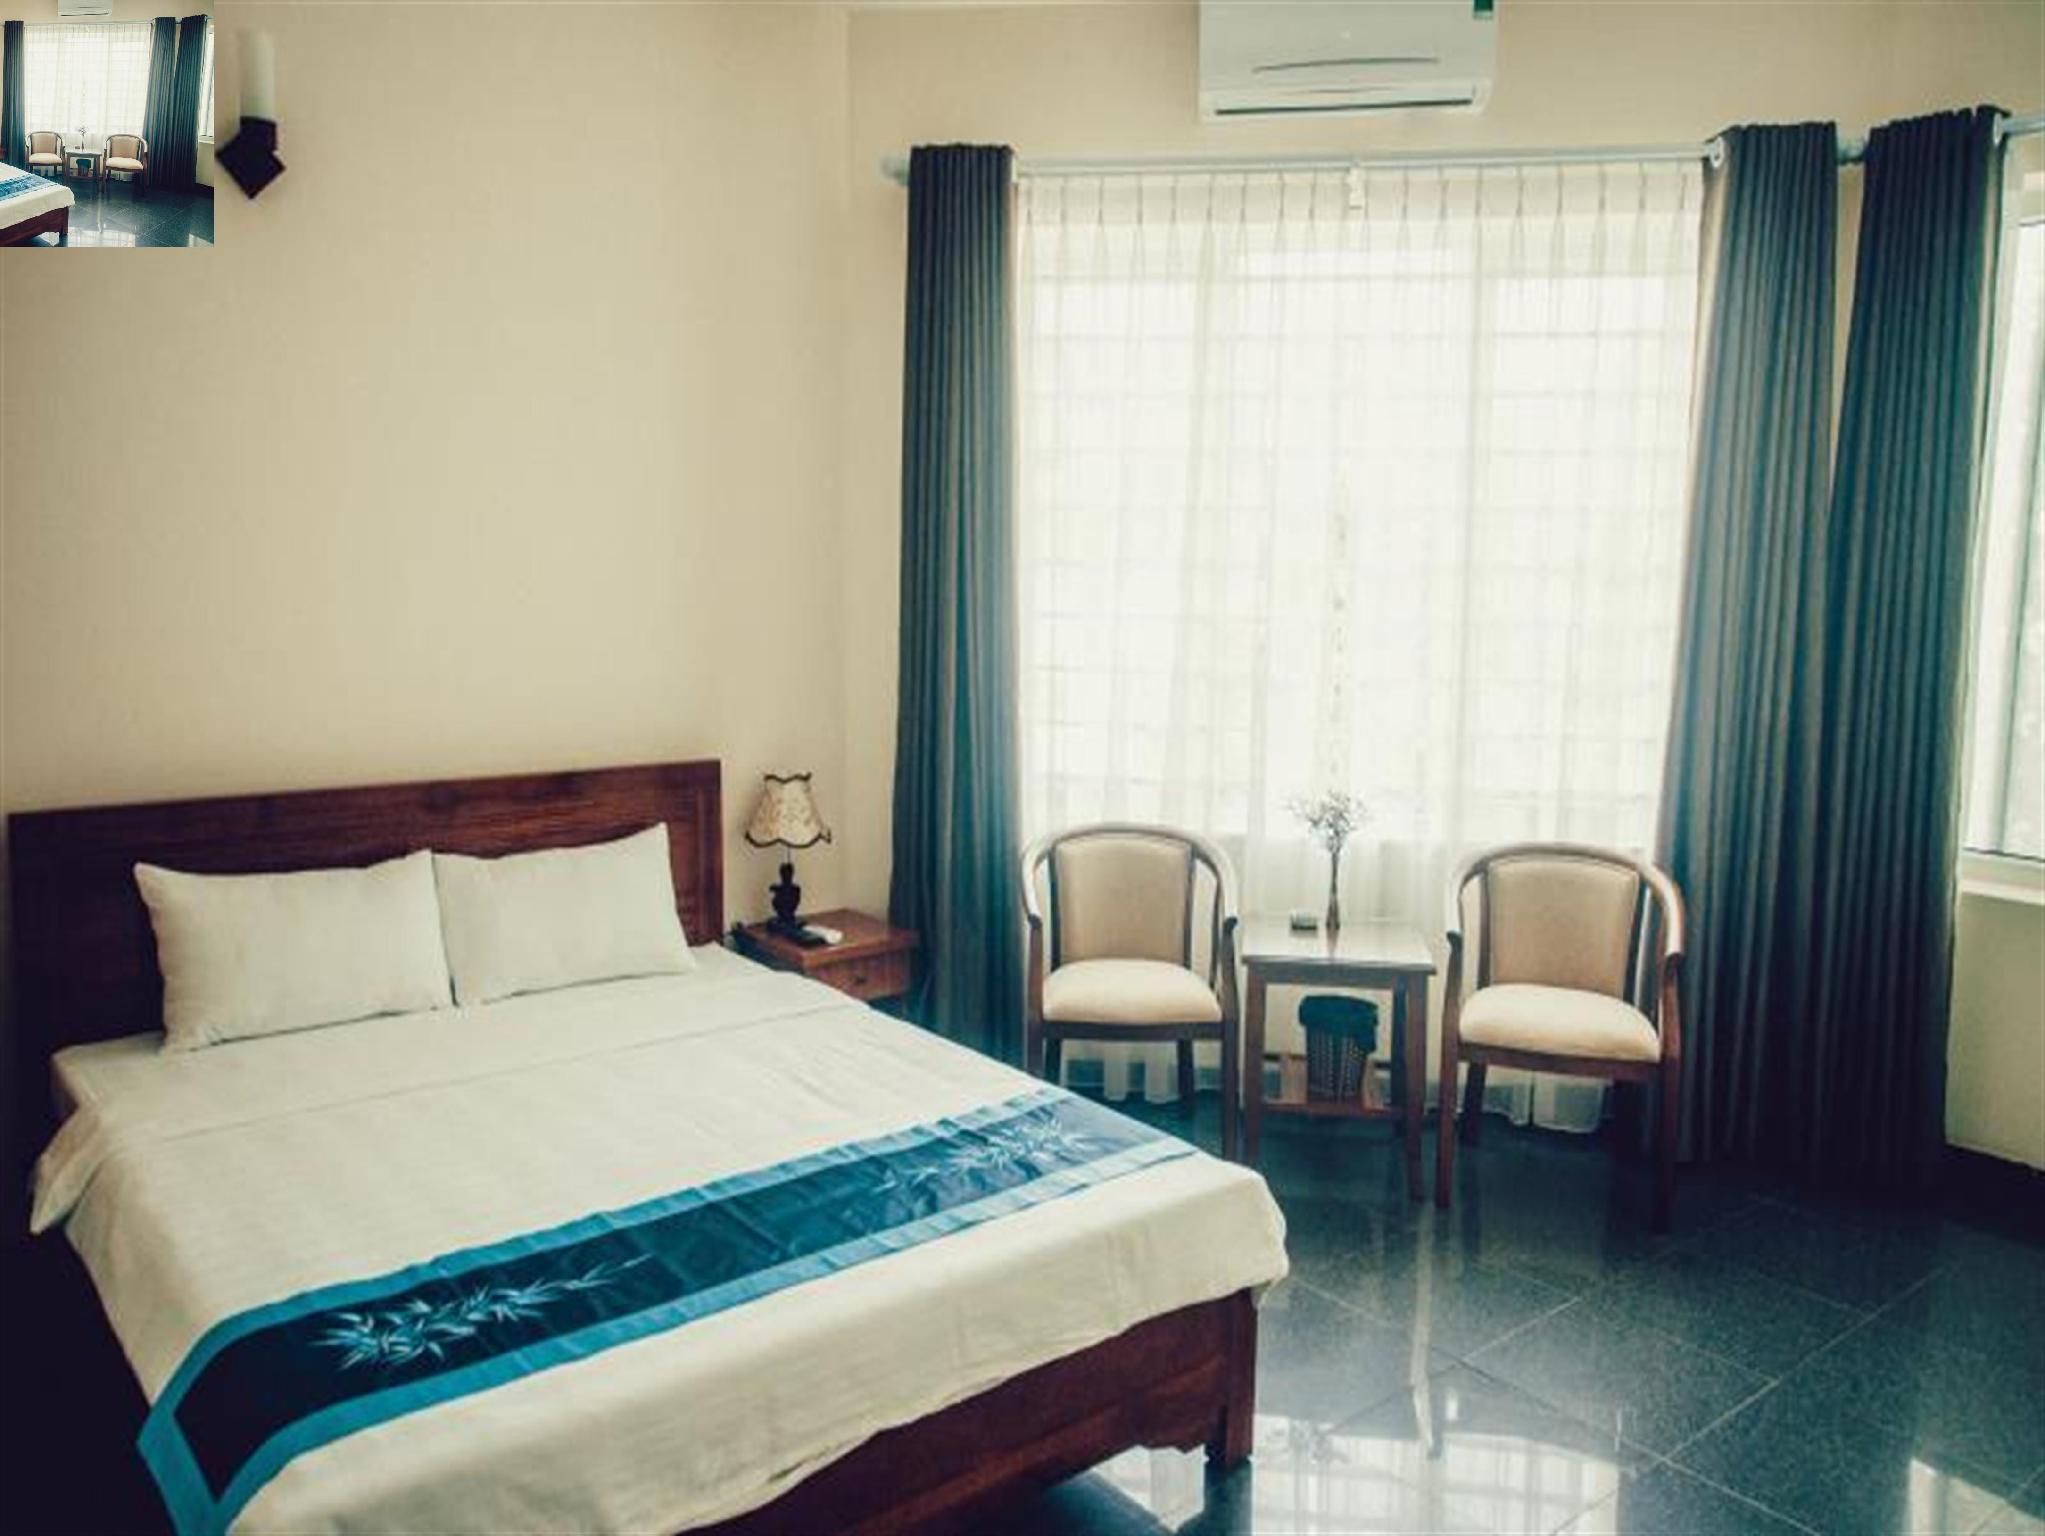 Tung Anh Hotel, Ba Đình